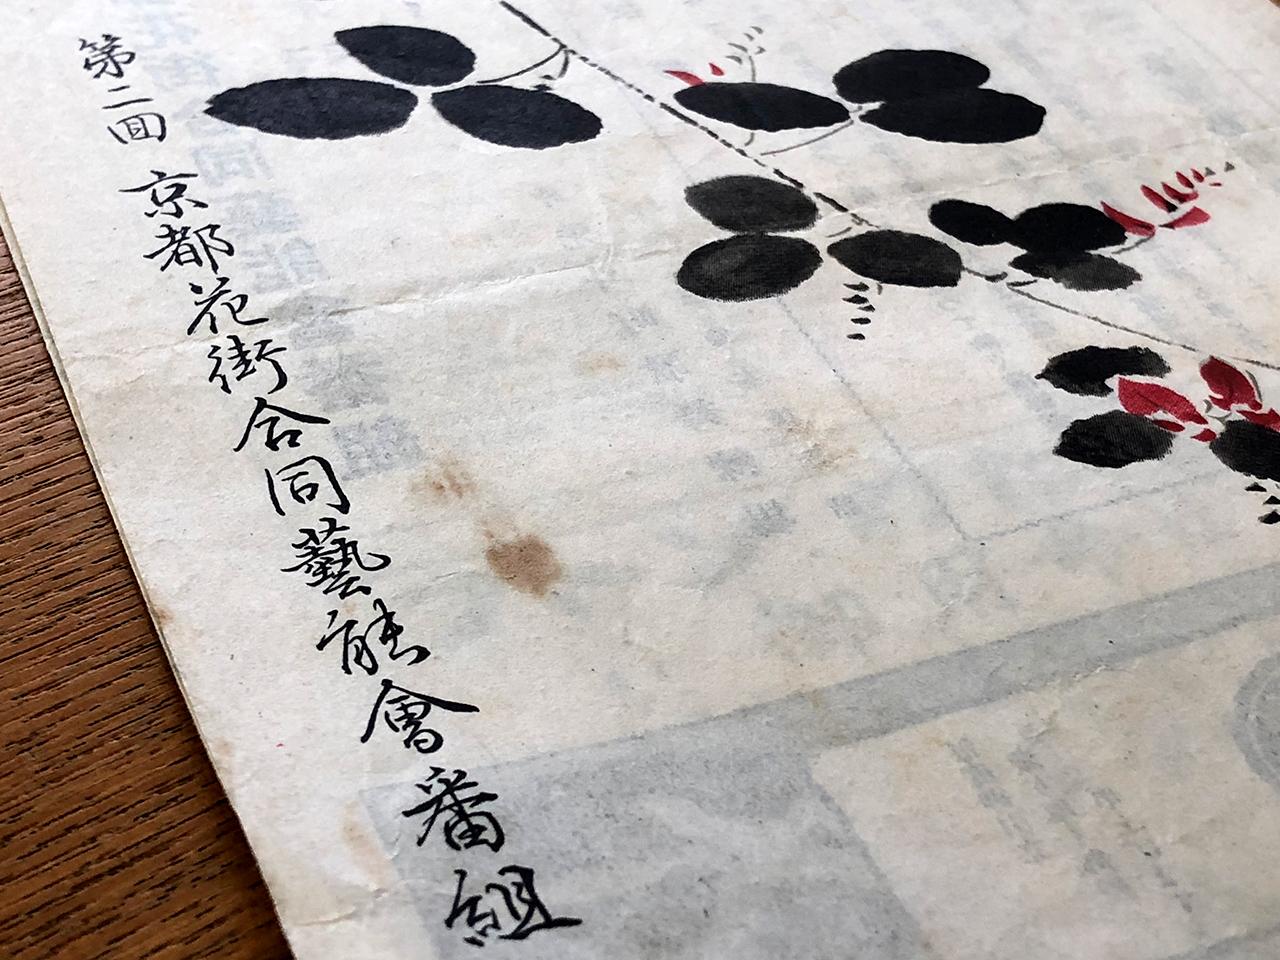 第二回 京都花街合同藝能會 番組